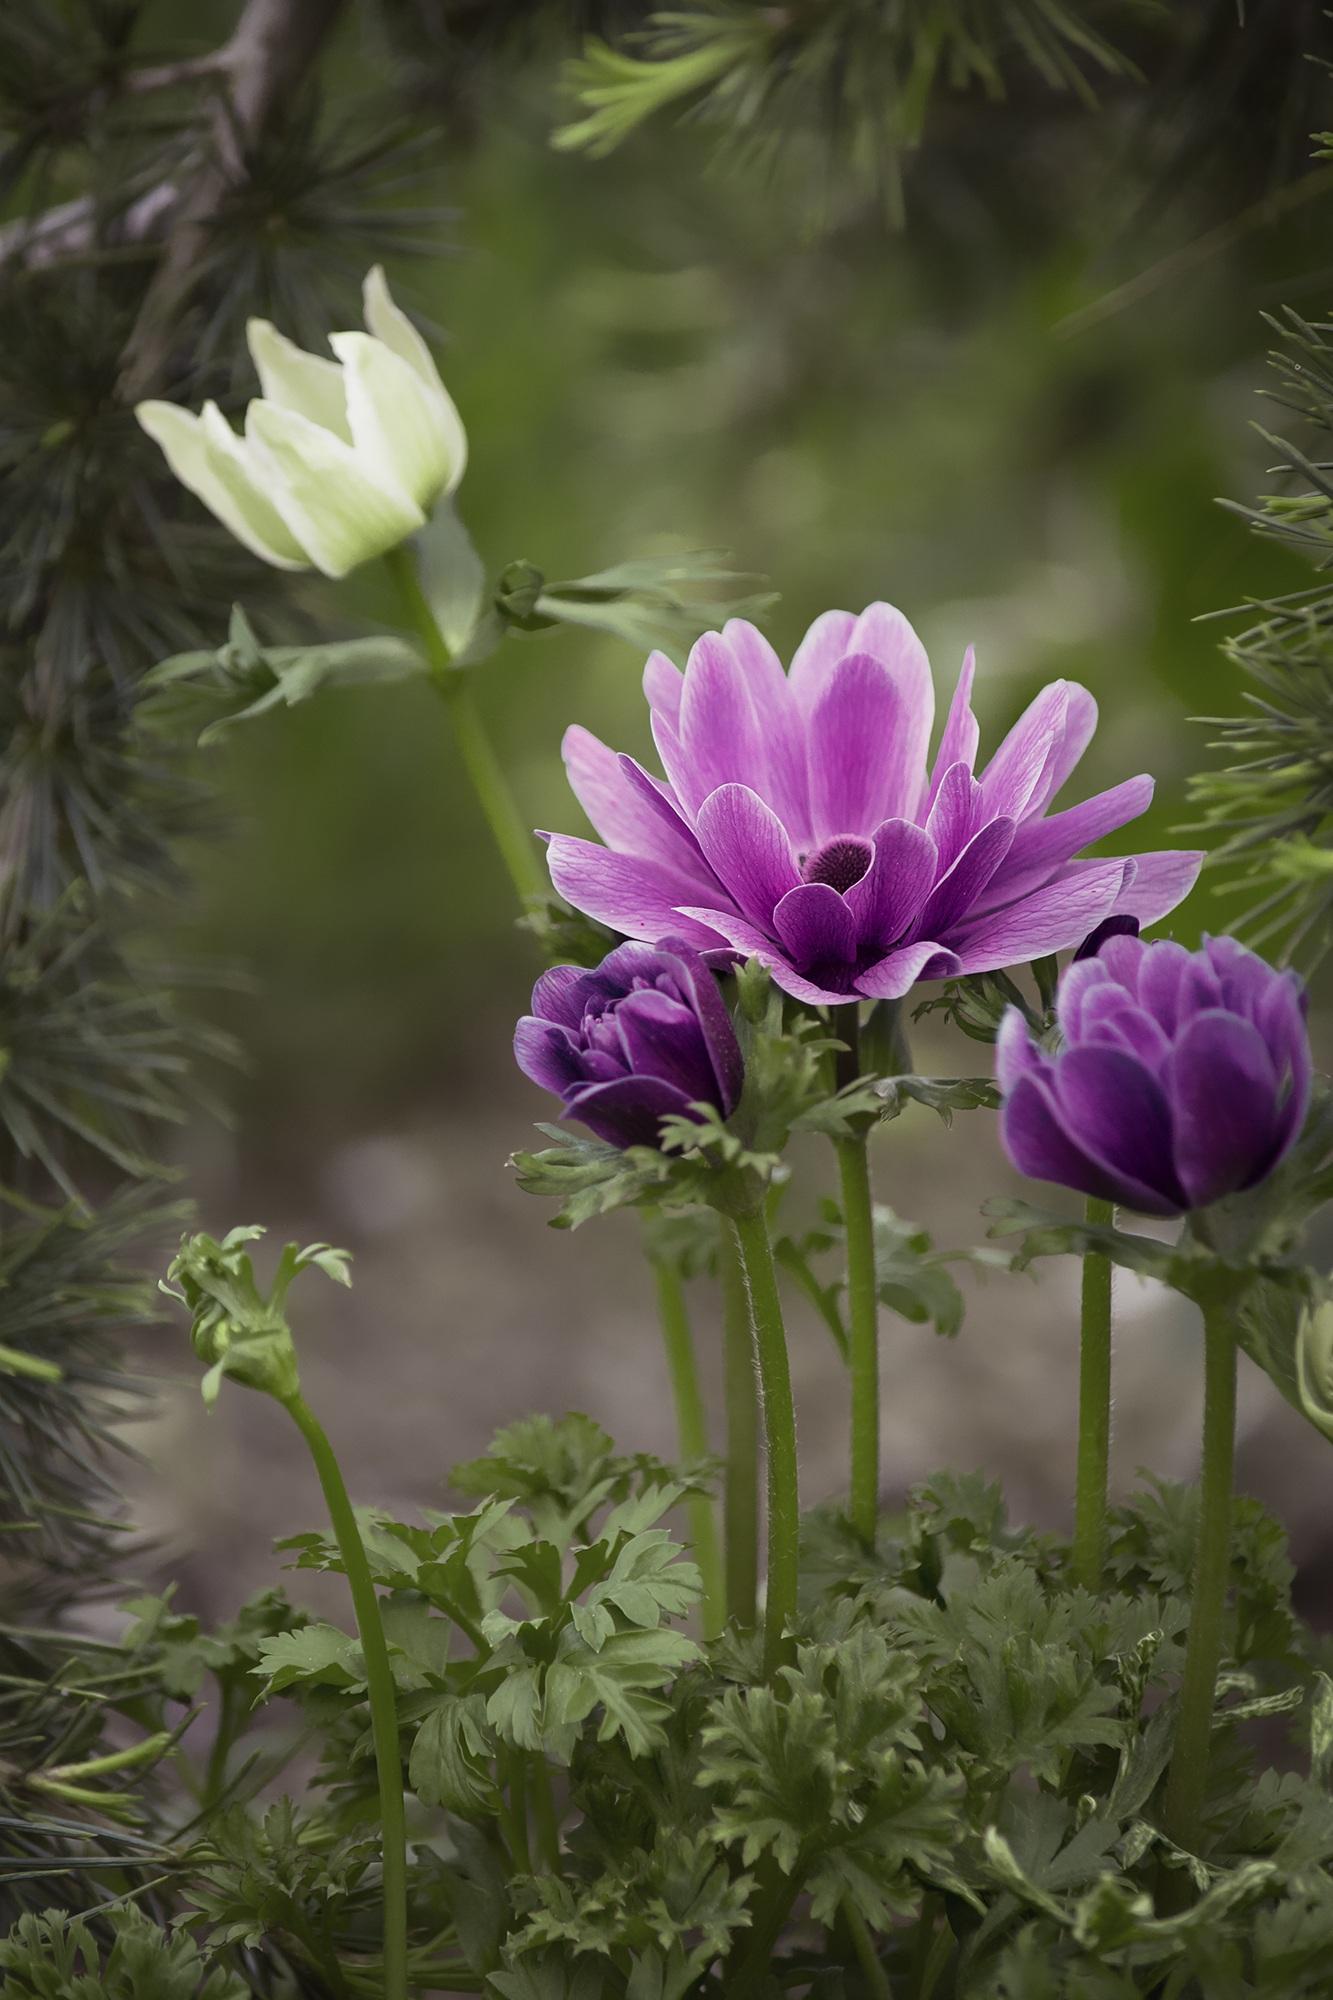 Free Images Nature Blossom Petal Bloom Summer Spring Botany